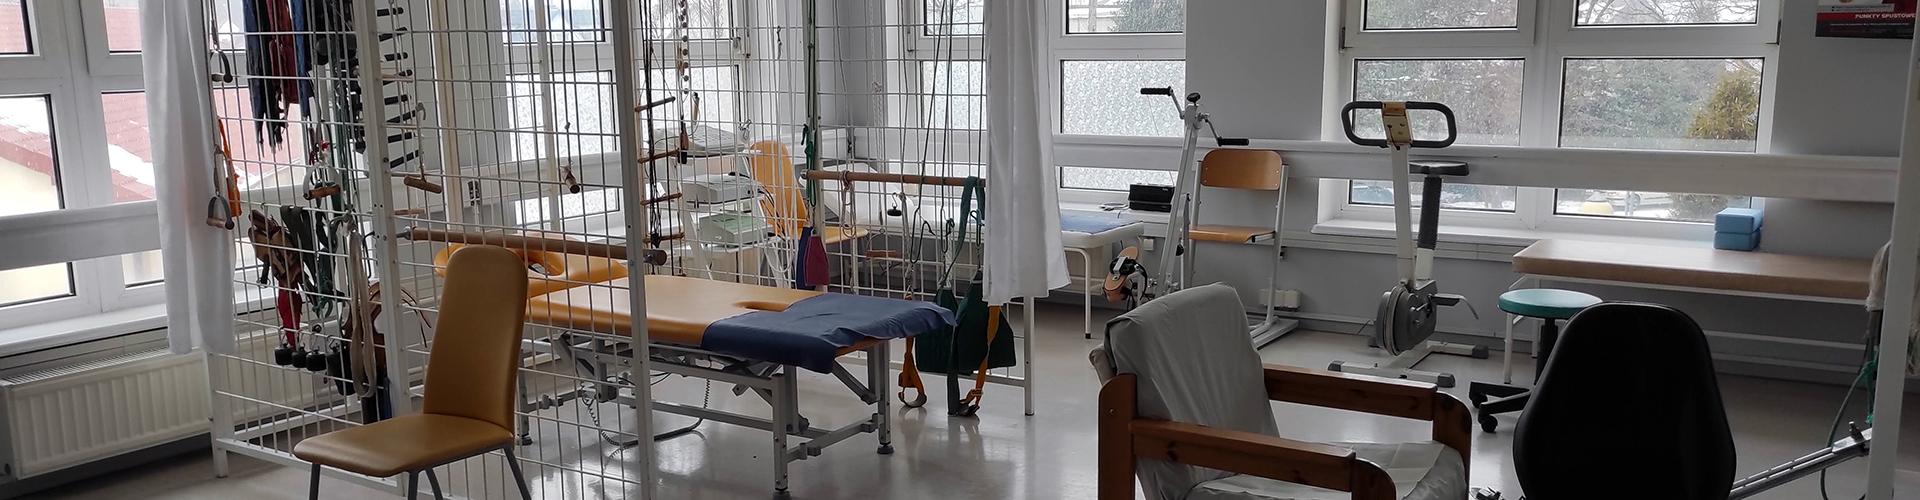 Sala fizjoterapii domu pomocy społecznej